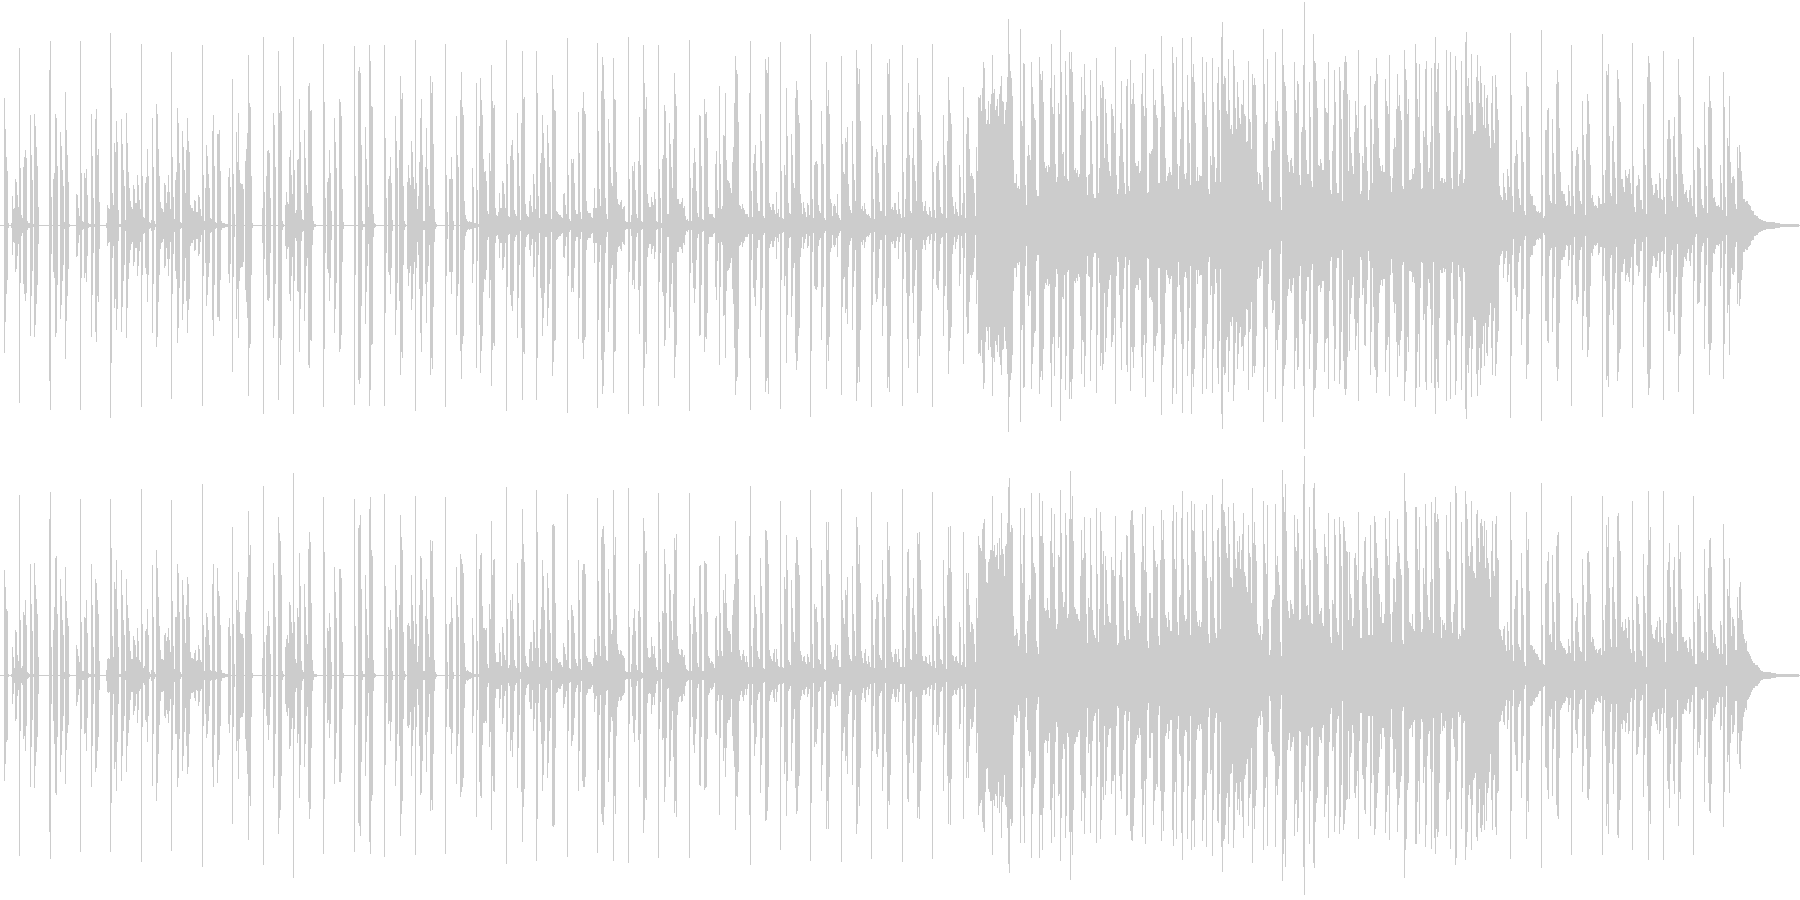 しっとりとしたRandB風の楽曲です。の未再生の波形